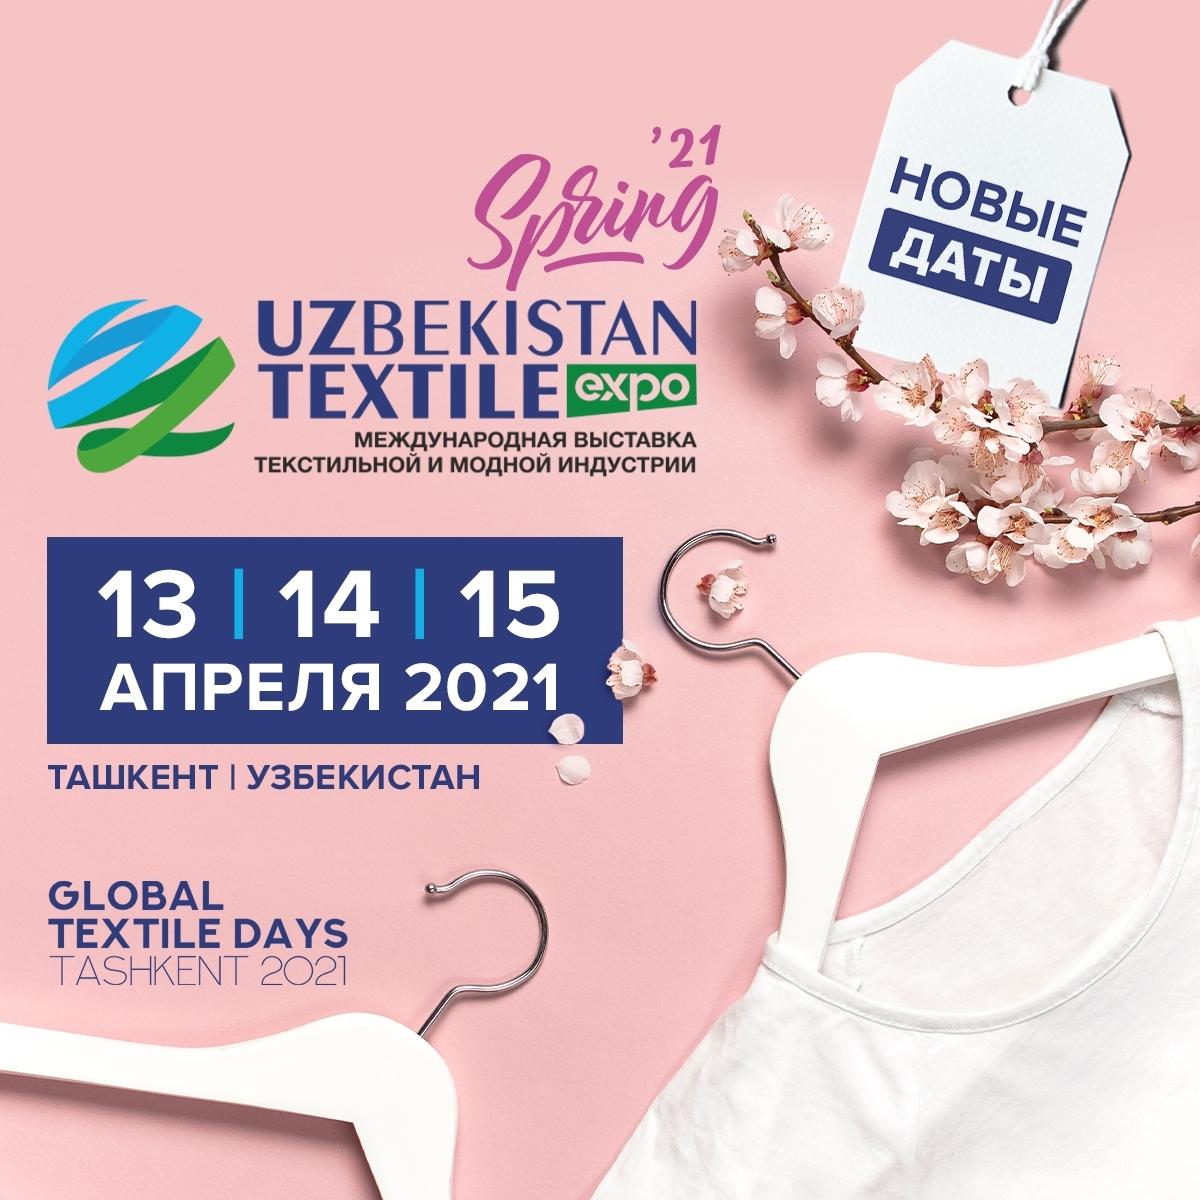 Международная выставка текстильной и модной индустрии Узбекистана пройдет в 2021 году